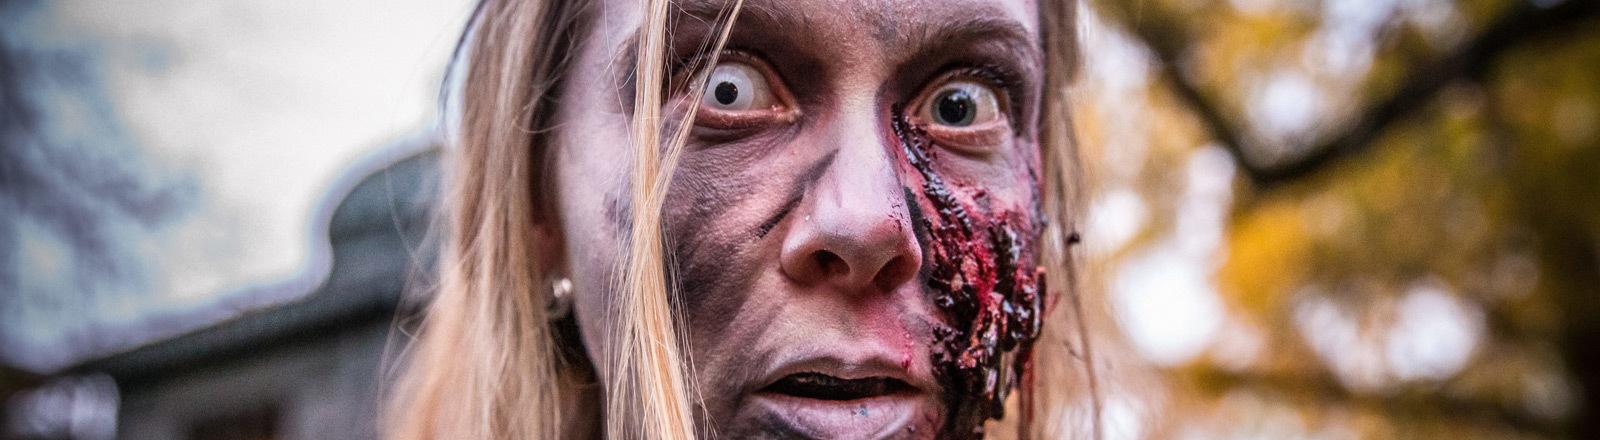 Eine Frau, die sich als Zombie geschminkt hat.